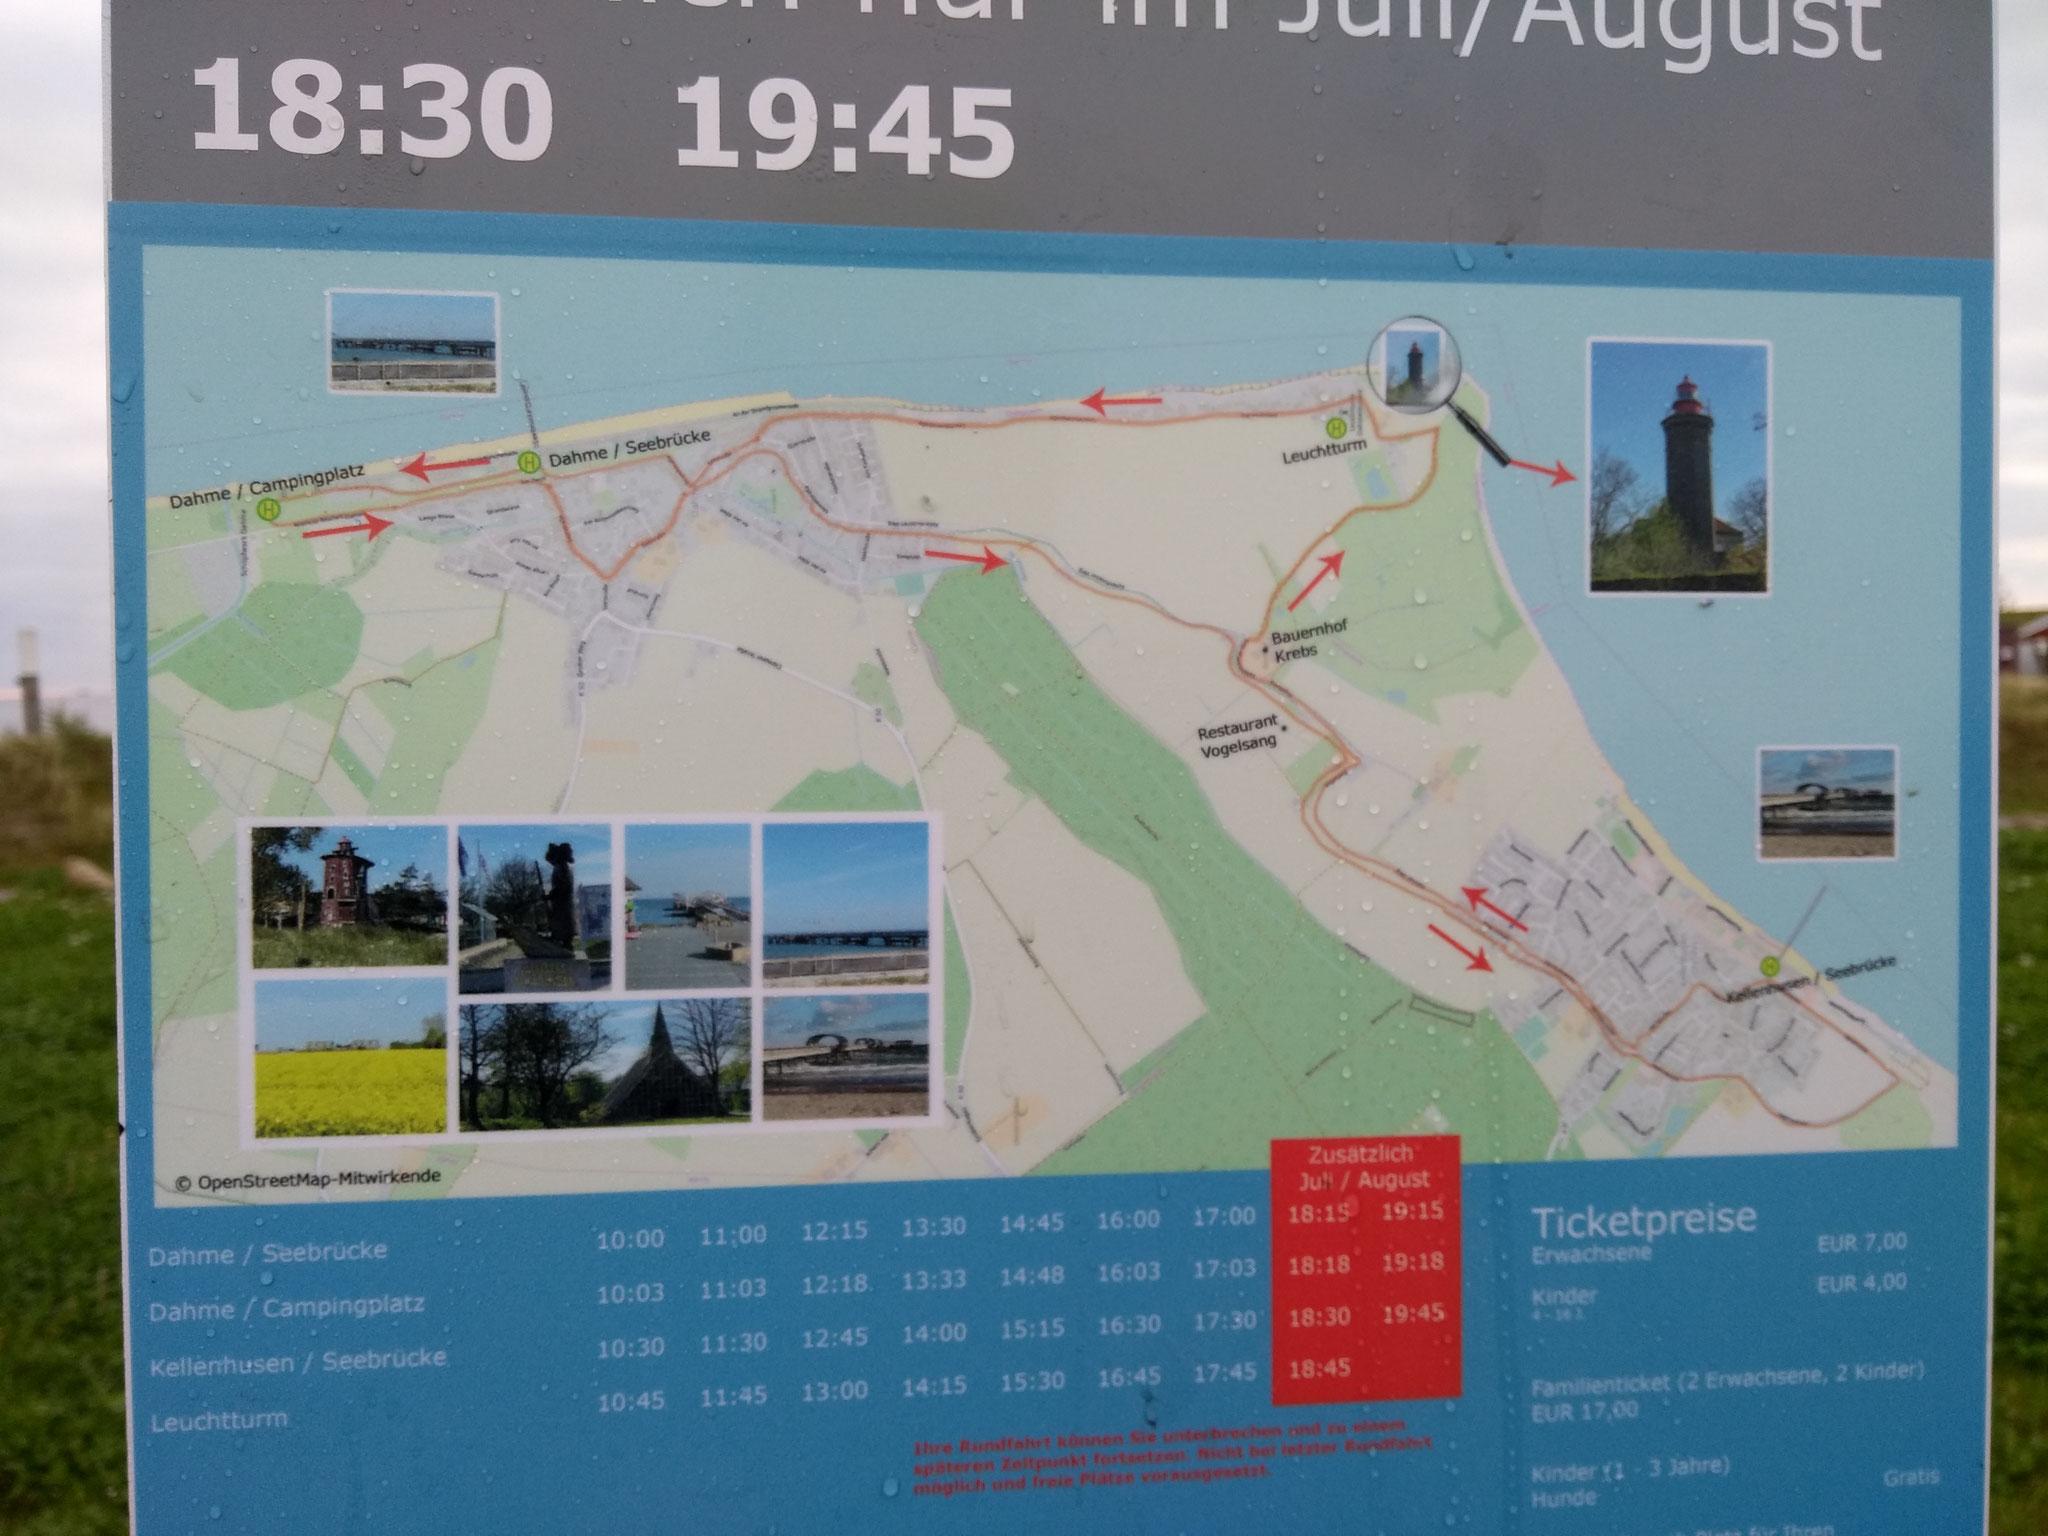 Die Route geht vom Nysted Platz/Seebrücke in Dahme bis zur Seebrücke in Kellenhusen